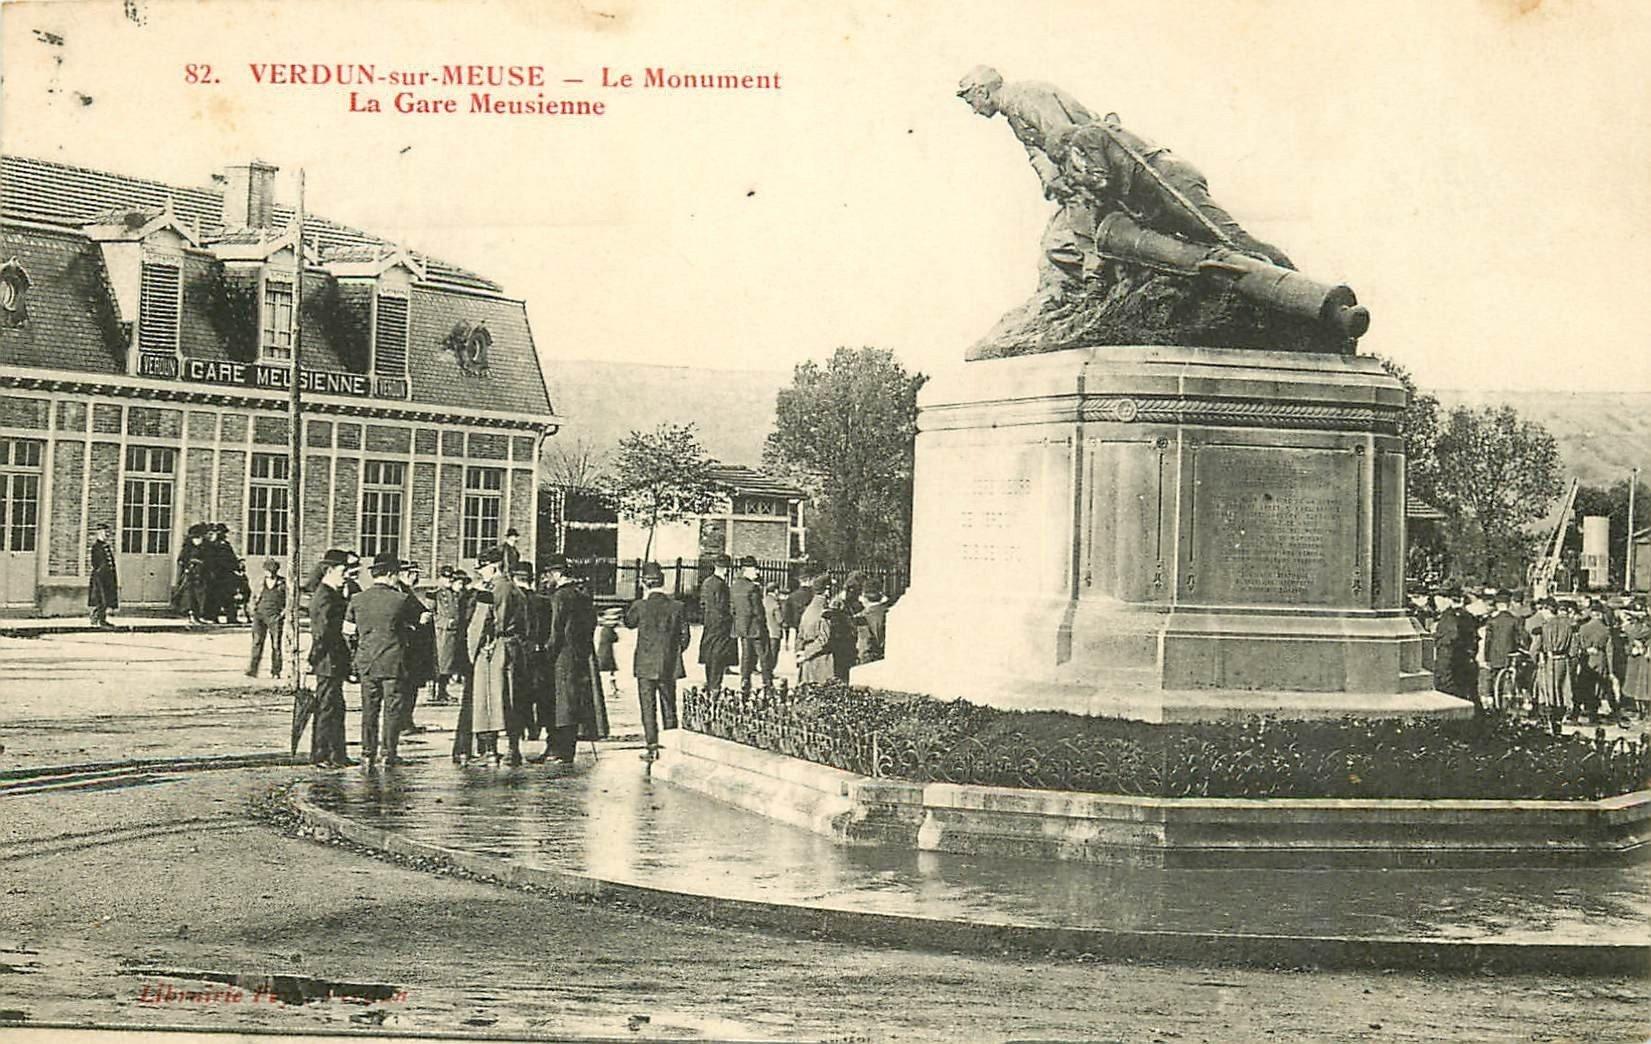 55 verdun sur meuse le monument et la gare meusienne 1917. Black Bedroom Furniture Sets. Home Design Ideas